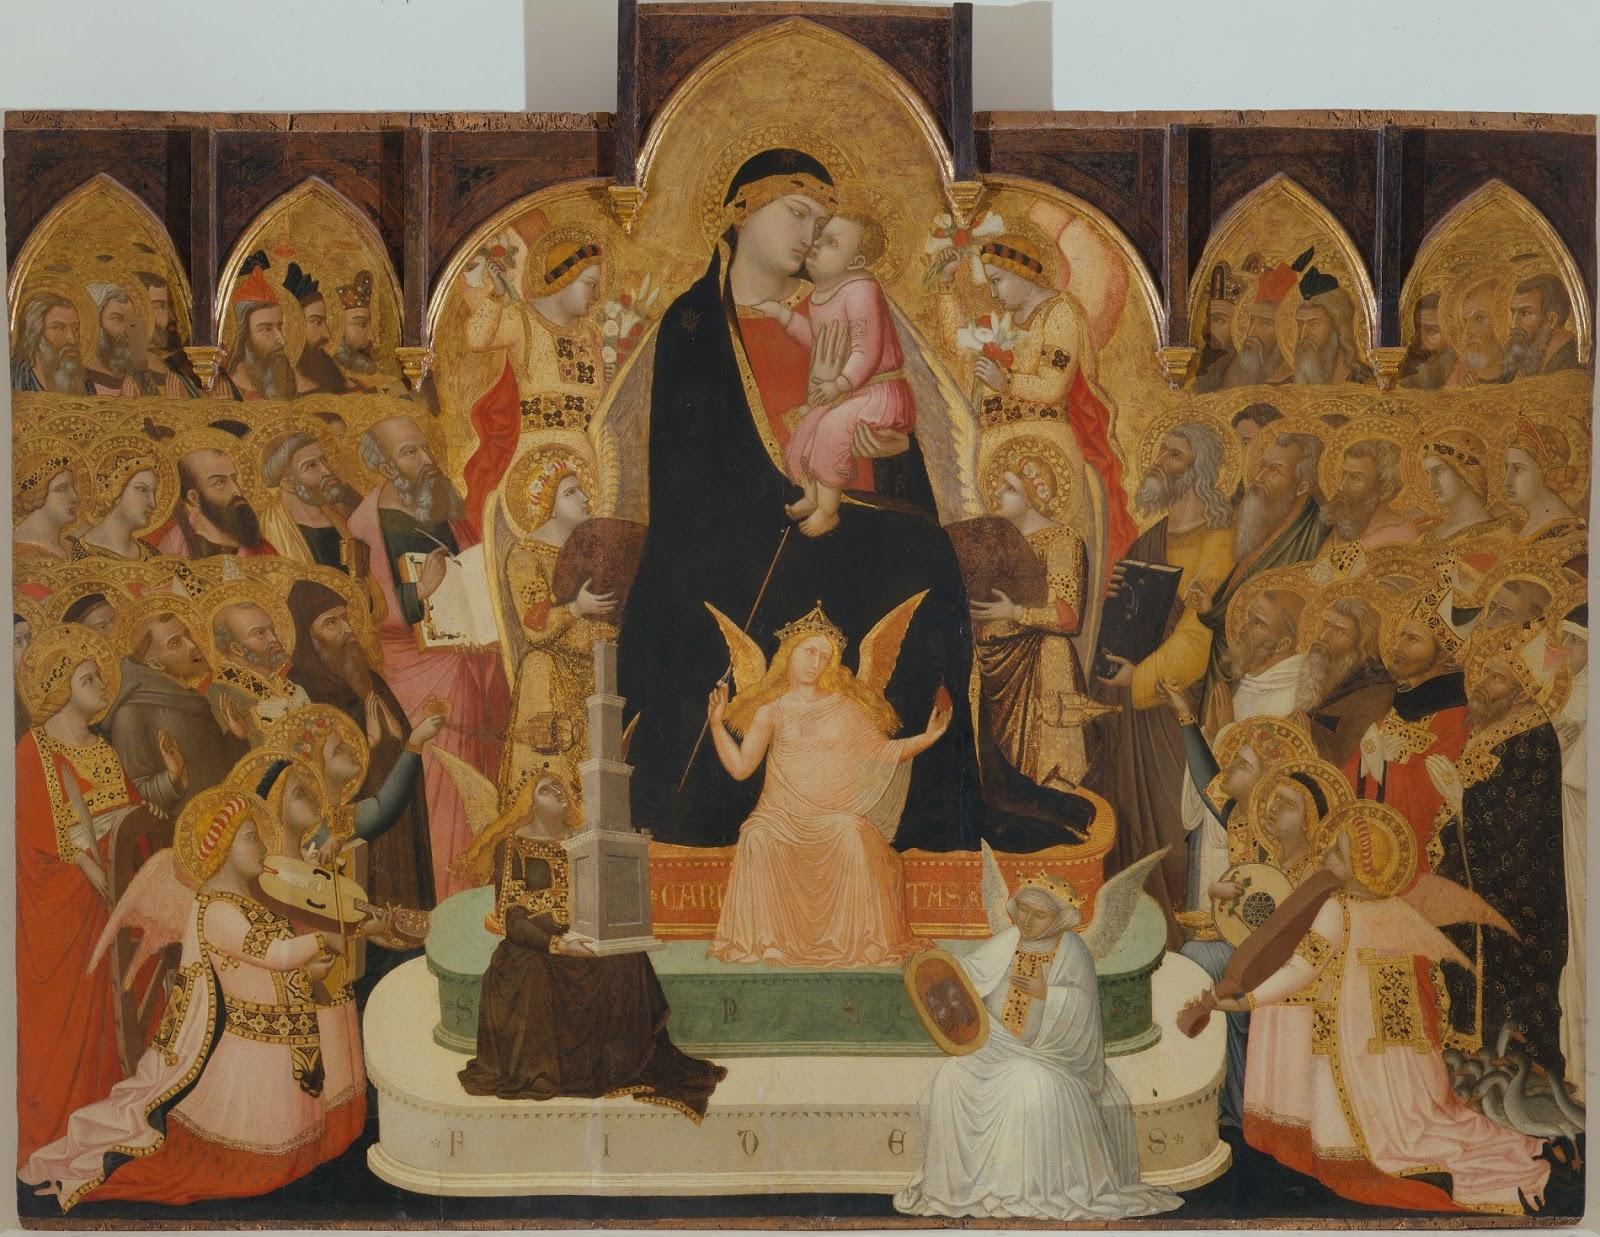 Maest Museo di arte sacra di Massa Marittima